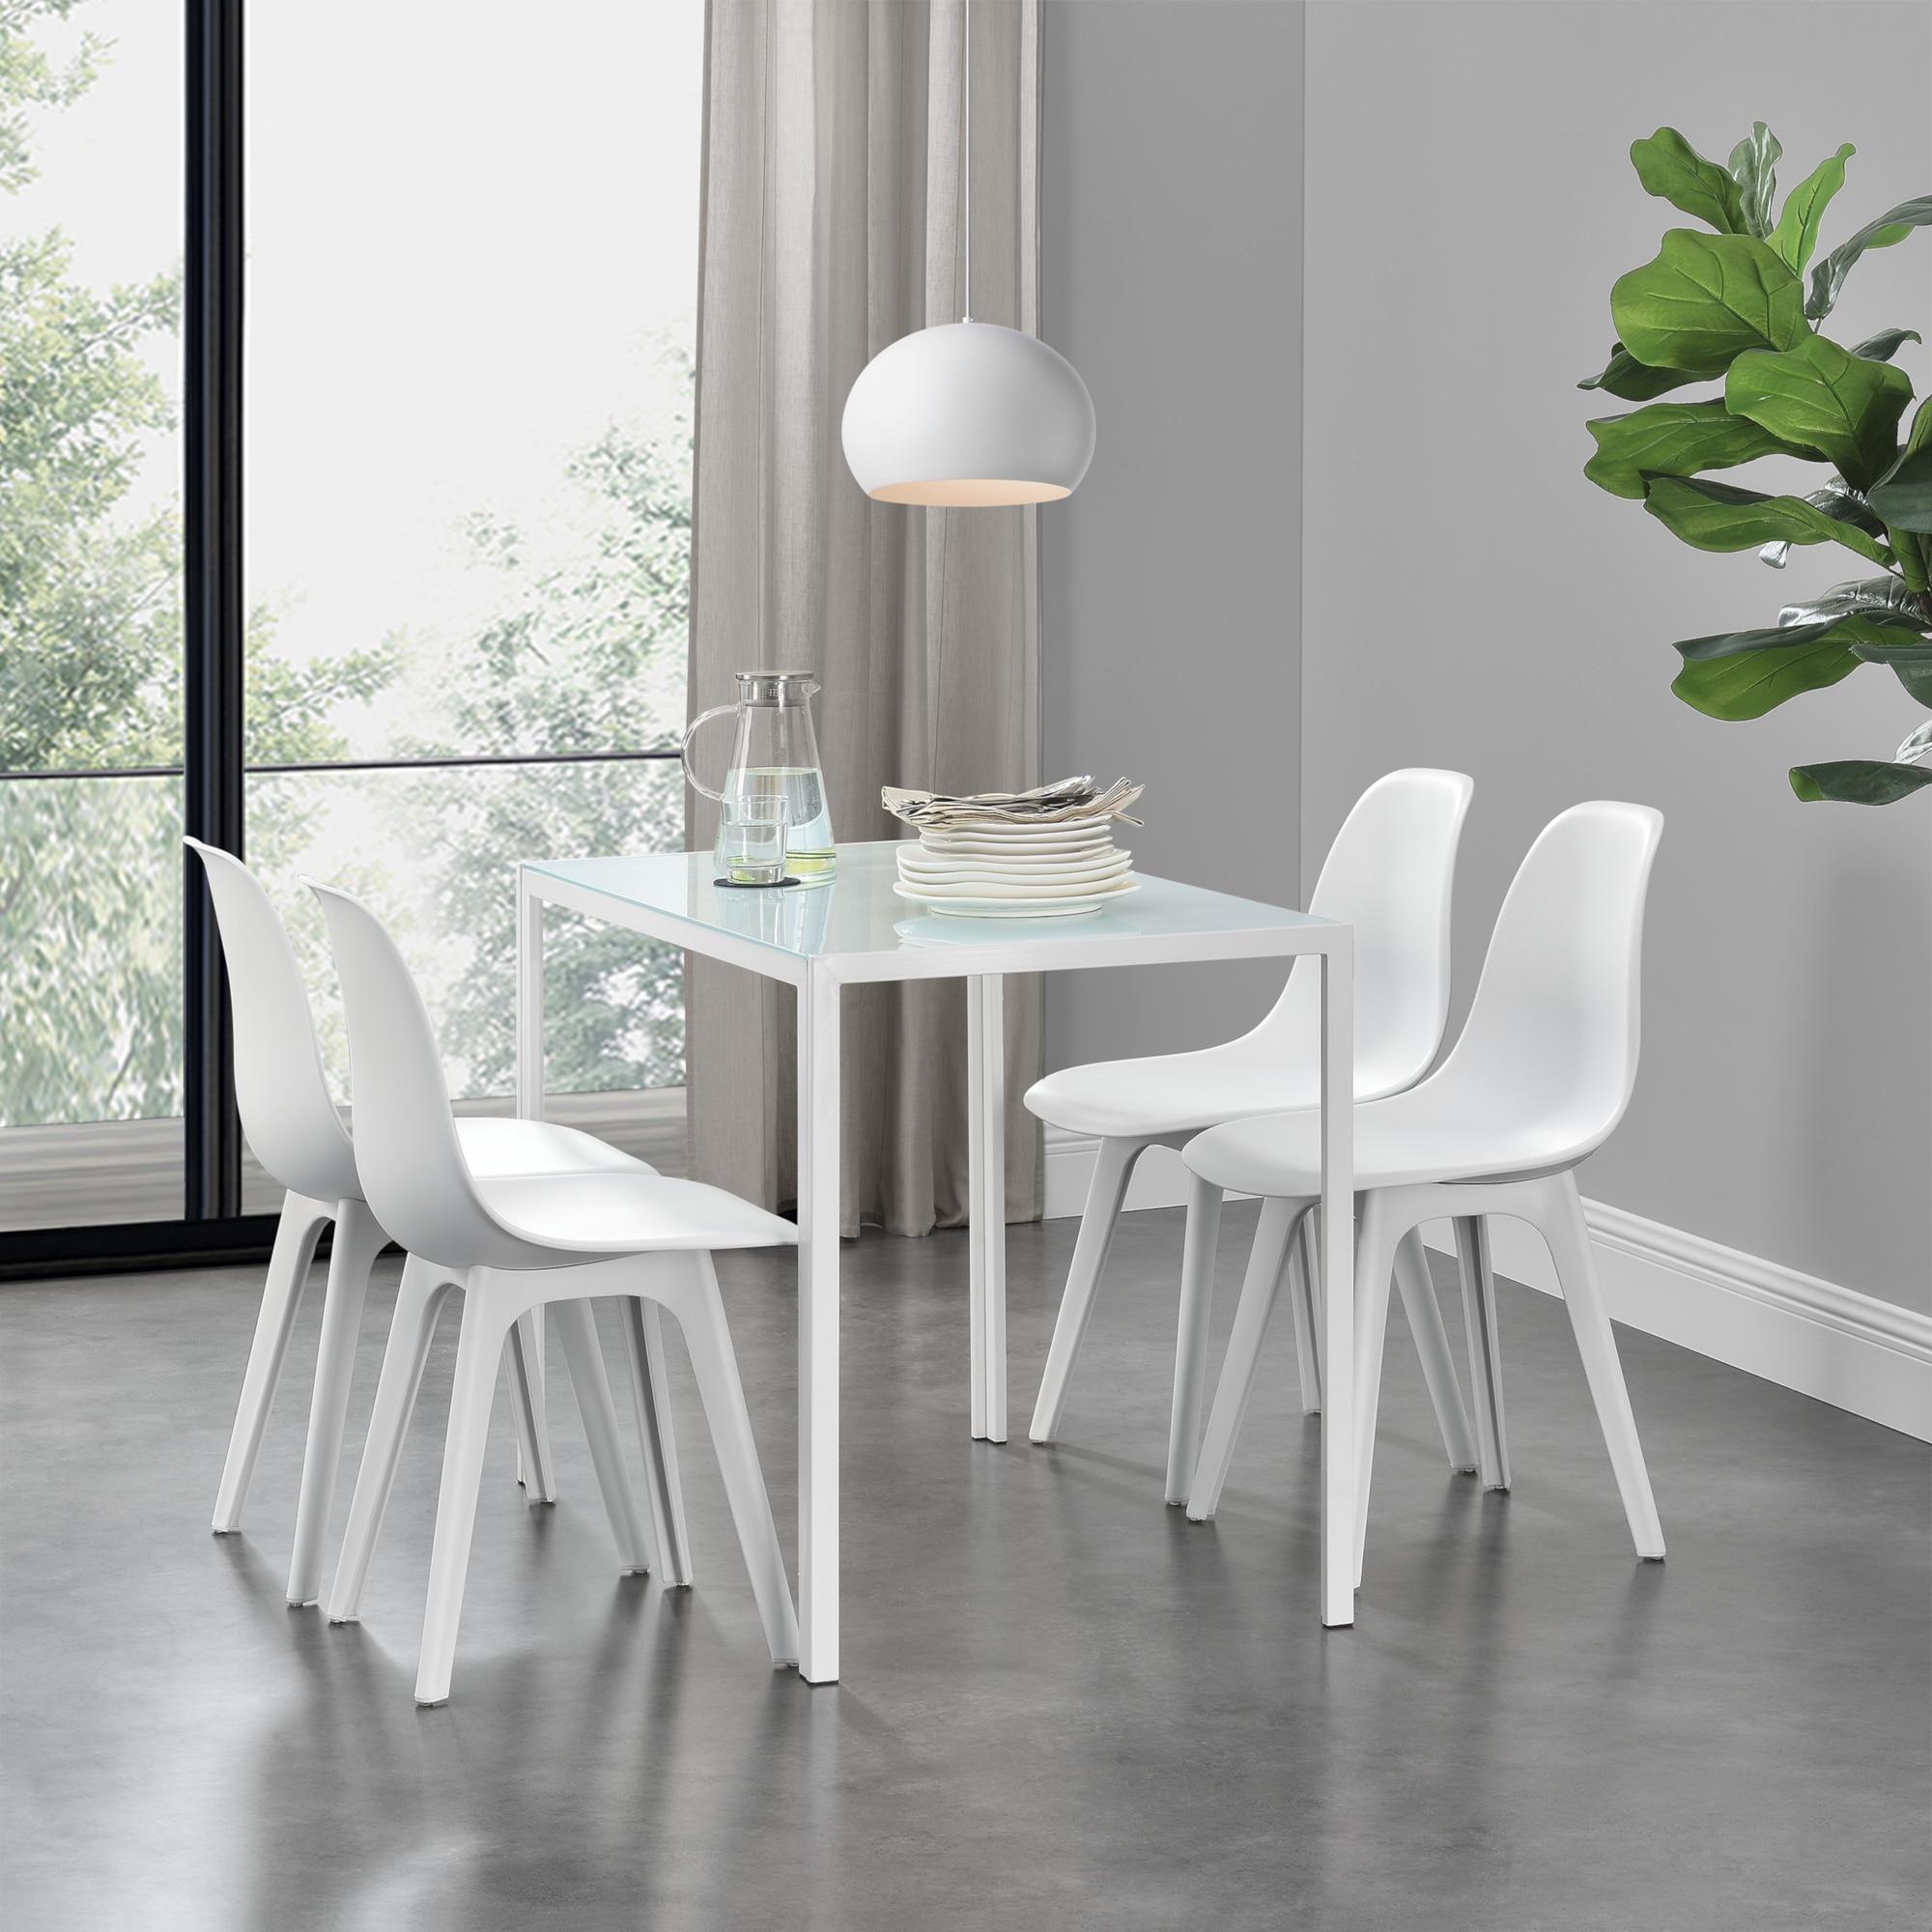 fényesétkezőasztal székkel